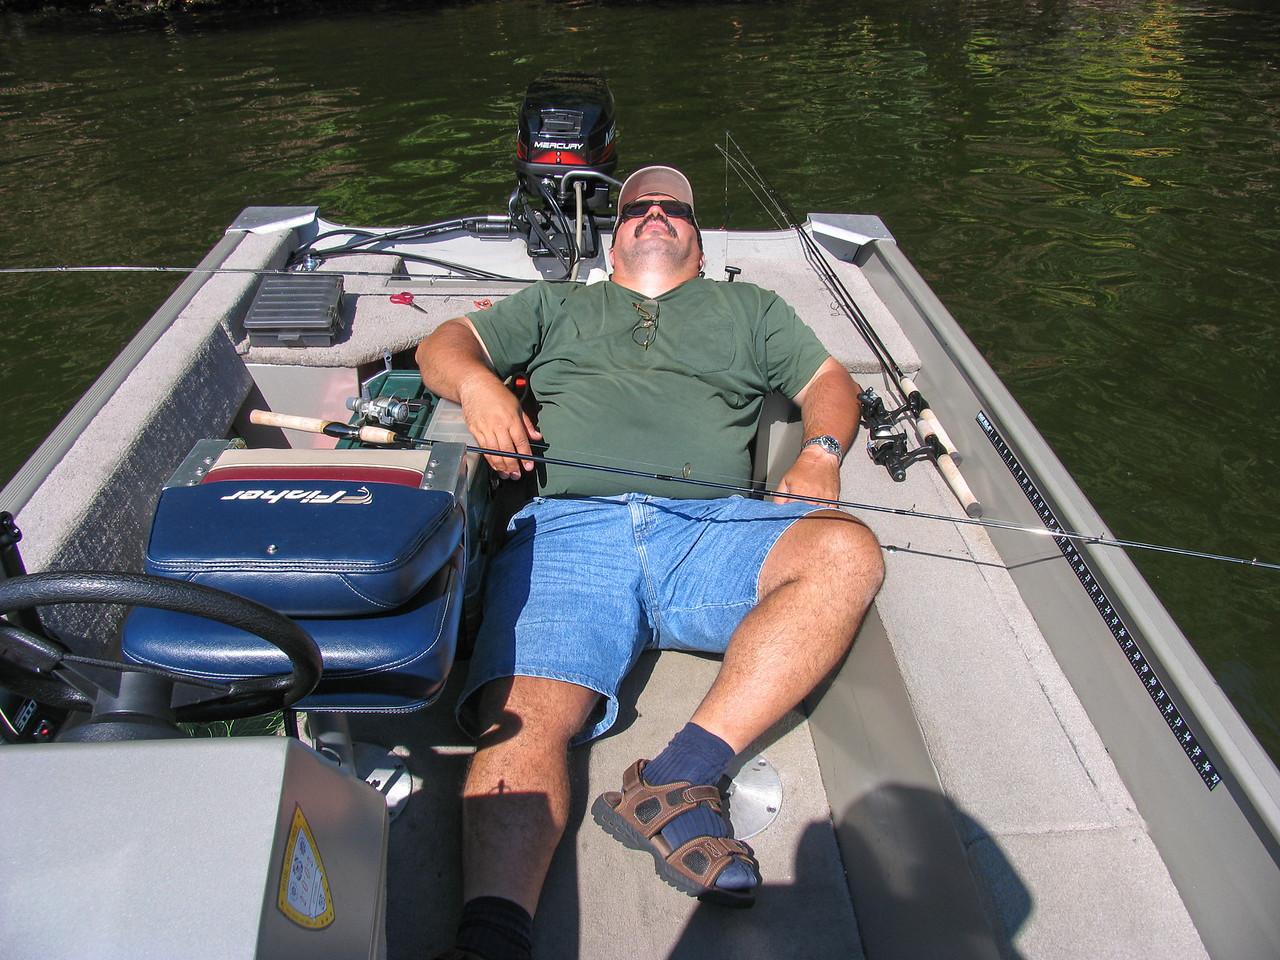 Dinu Iorga taking a break from fishing - Lake Nockamixon - September 2005